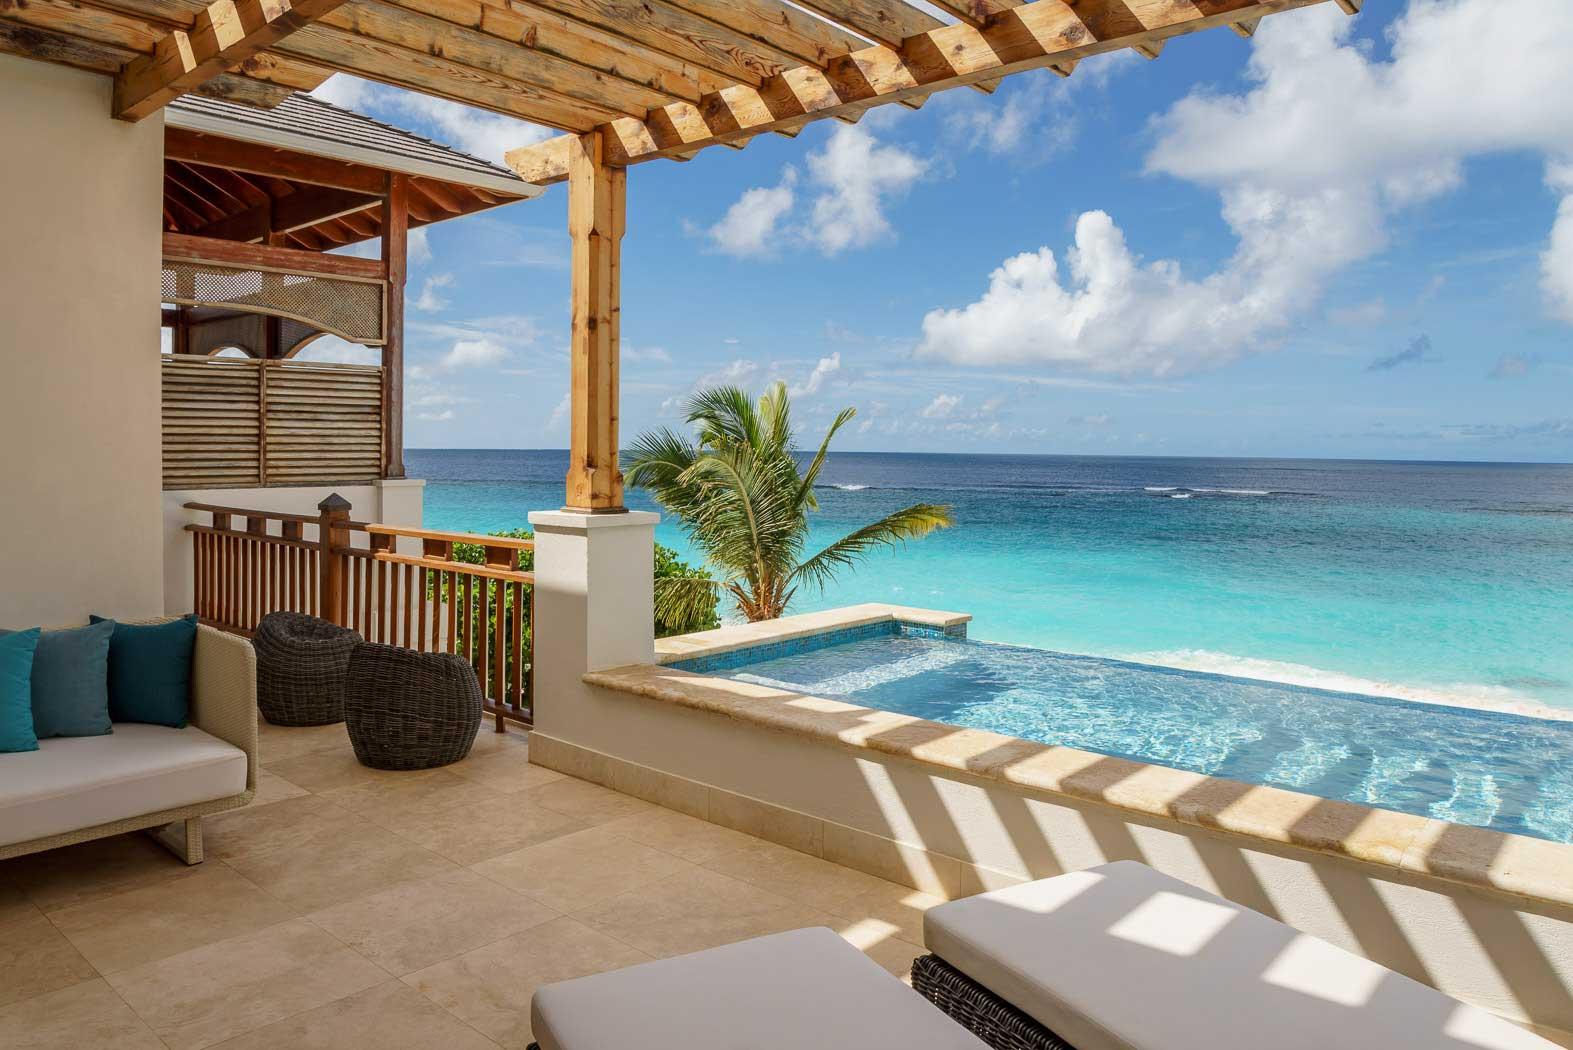 Crédito foto: divulgação Zemi Beach House Resort